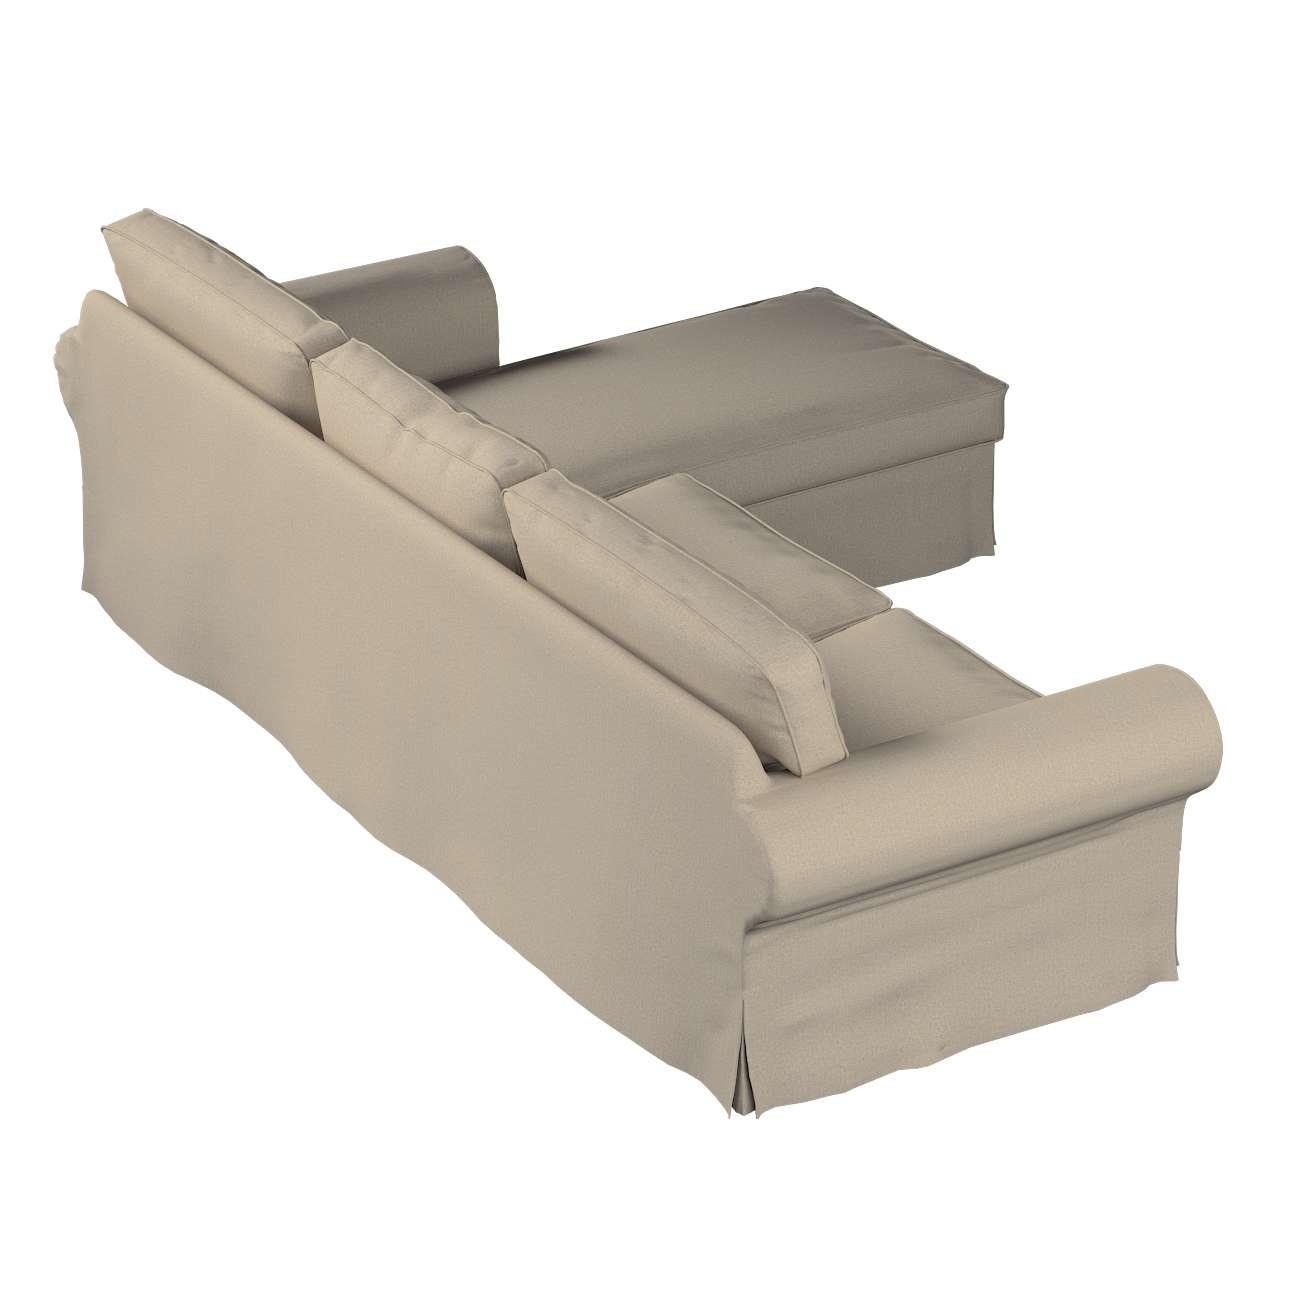 ektorp 2 sitzer sofabezug mit recamiere beige dekoria. Black Bedroom Furniture Sets. Home Design Ideas